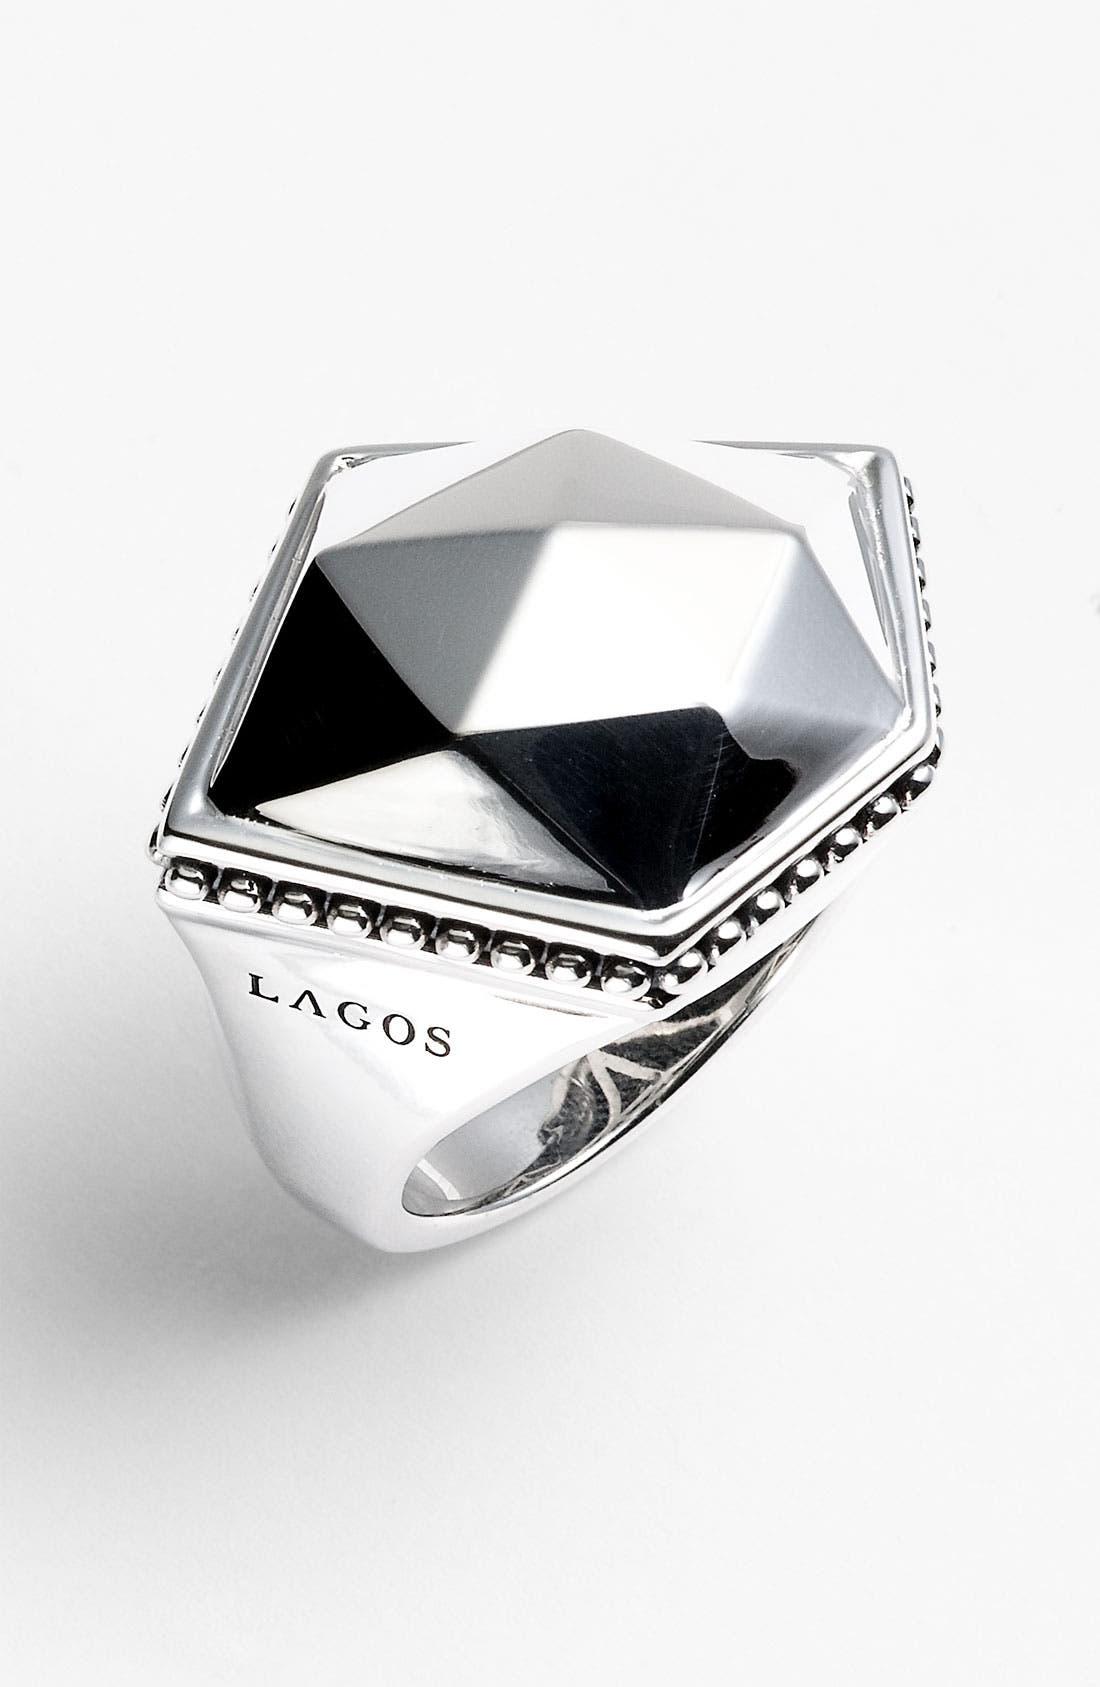 Main Image - LAGOS 'Silver Rocks' Angled Ring